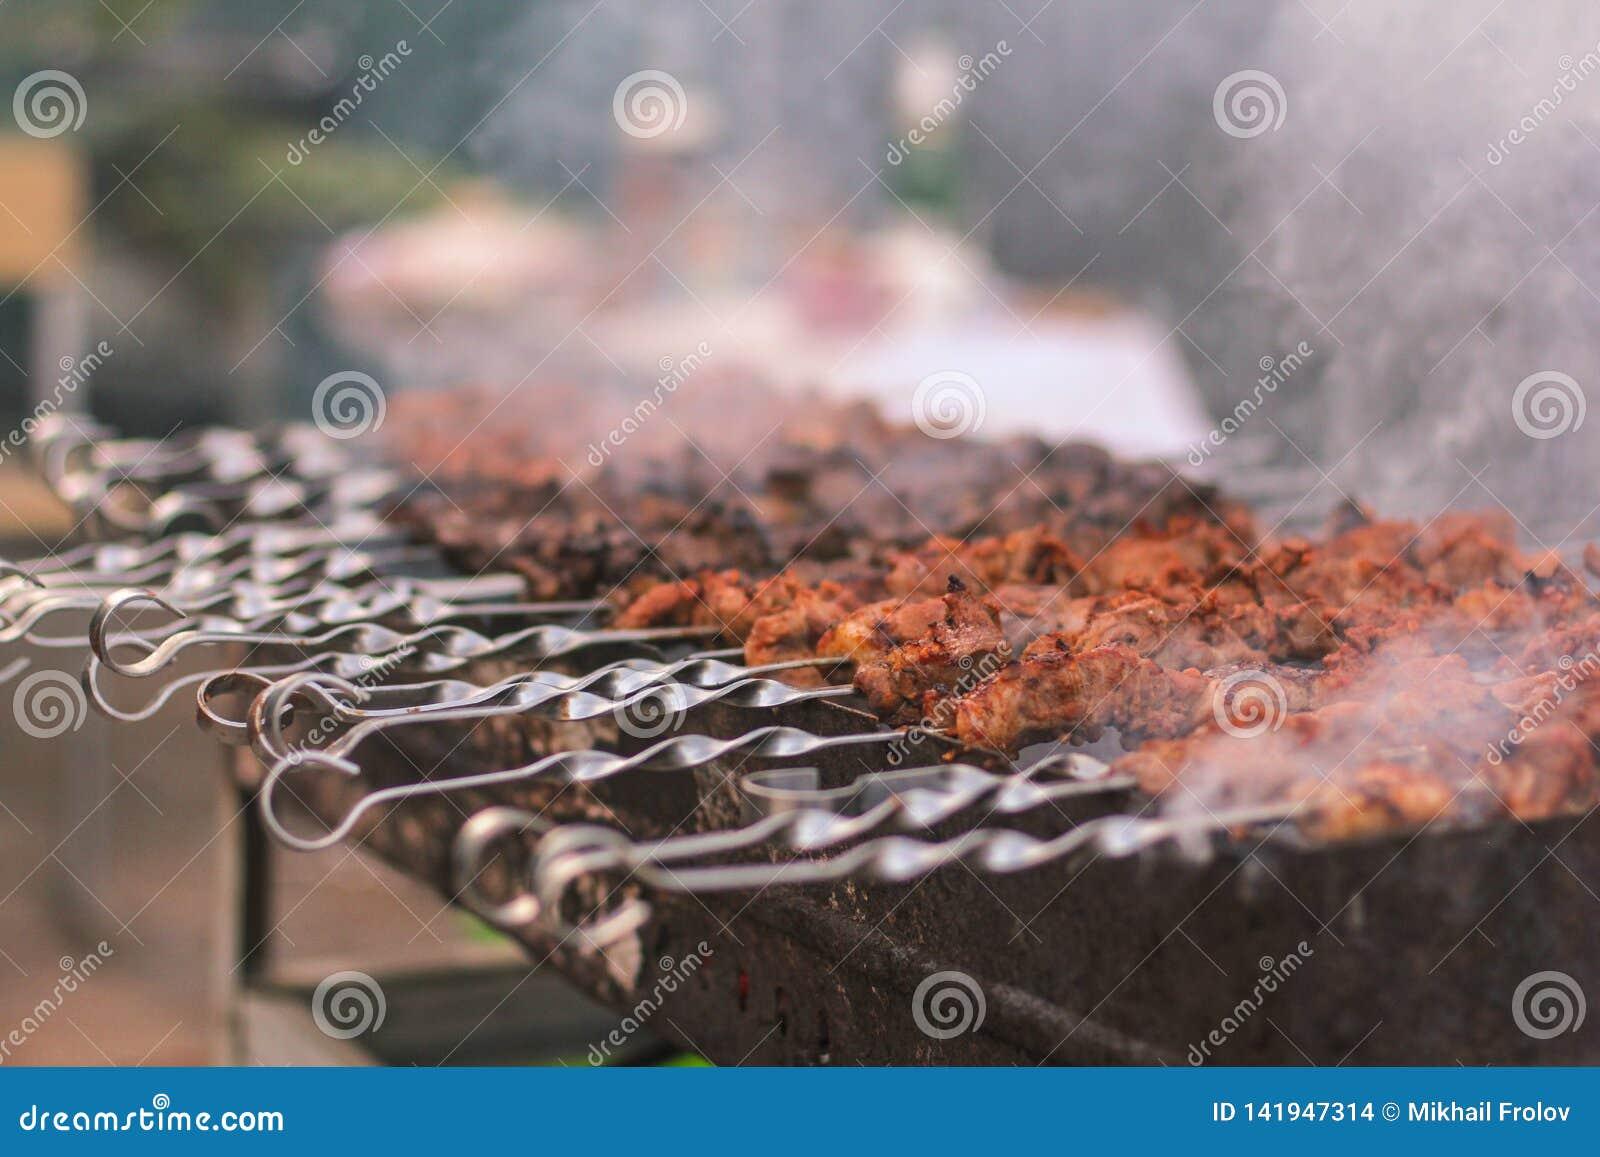 Szasz?yka lub shashlyk narz?dzanie na grilla grillu nad w?glem drzewnym Piec na grillu sze?ciany wieprzowiny mi?so na metalu skew